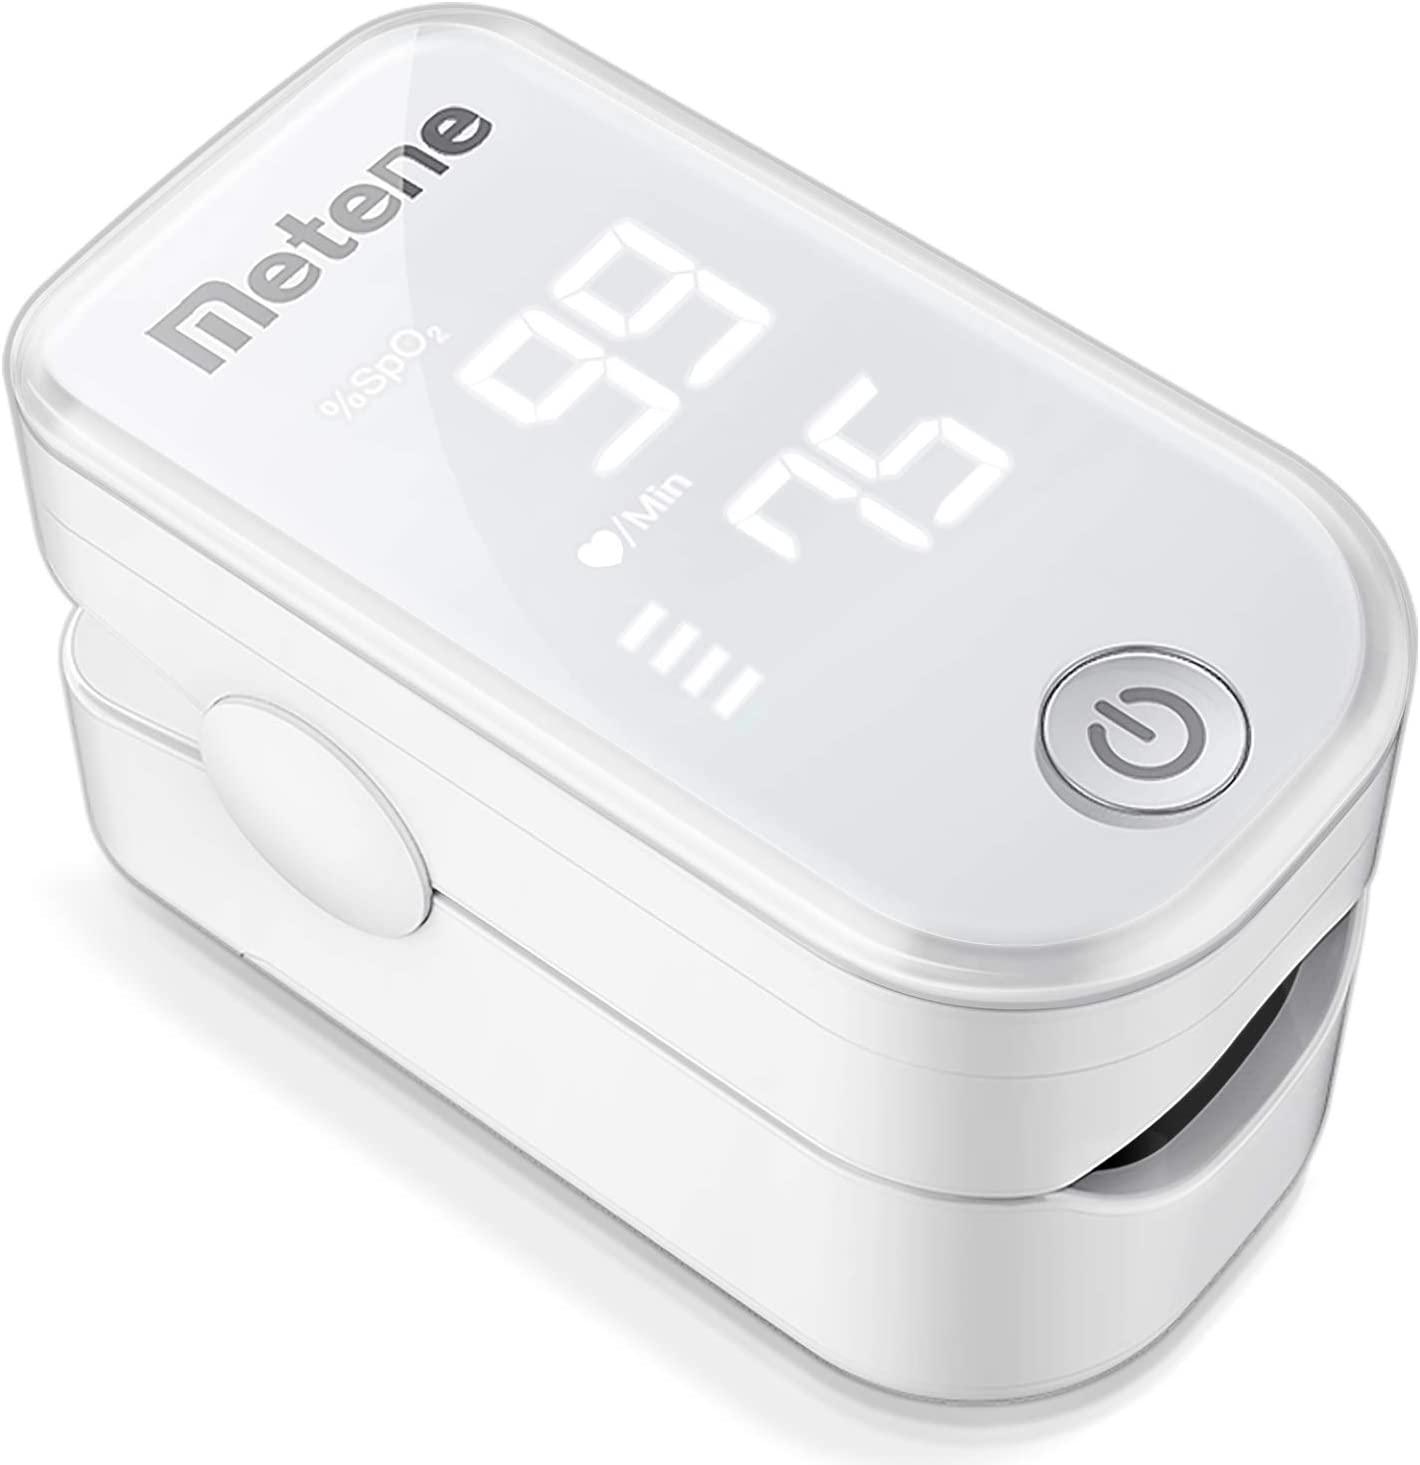 Metene Pulse Oximeter Fingertip